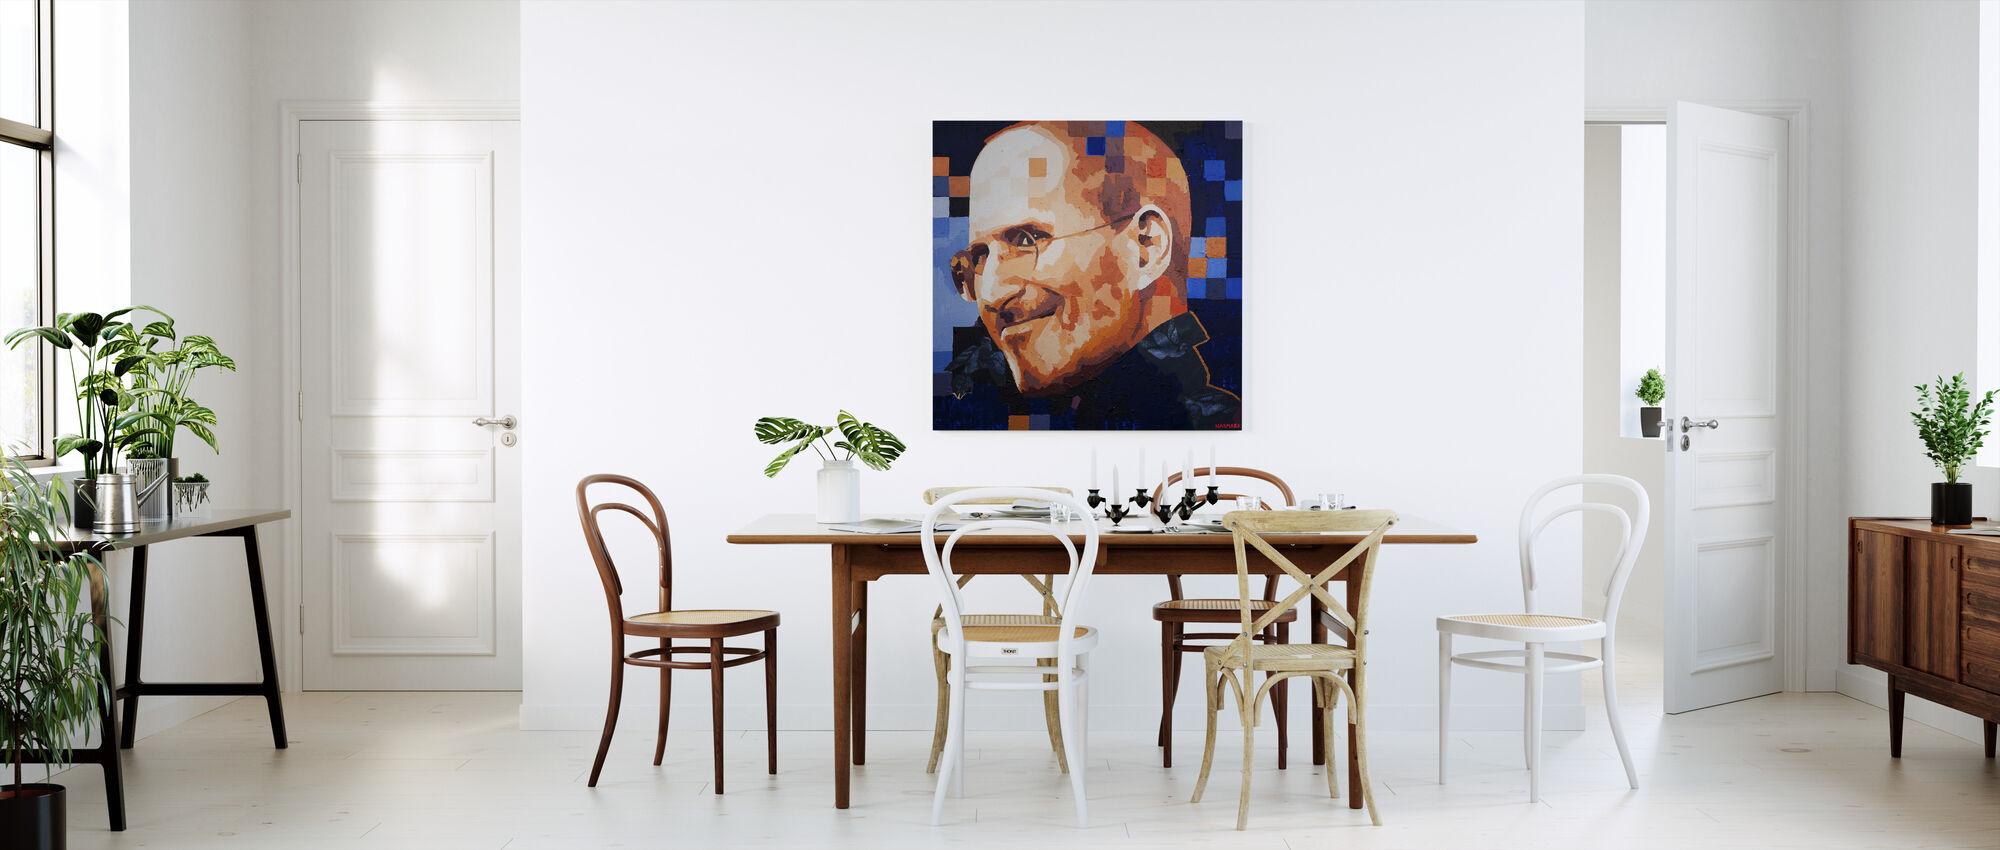 I Phone Home - Canvas print - Kitchen